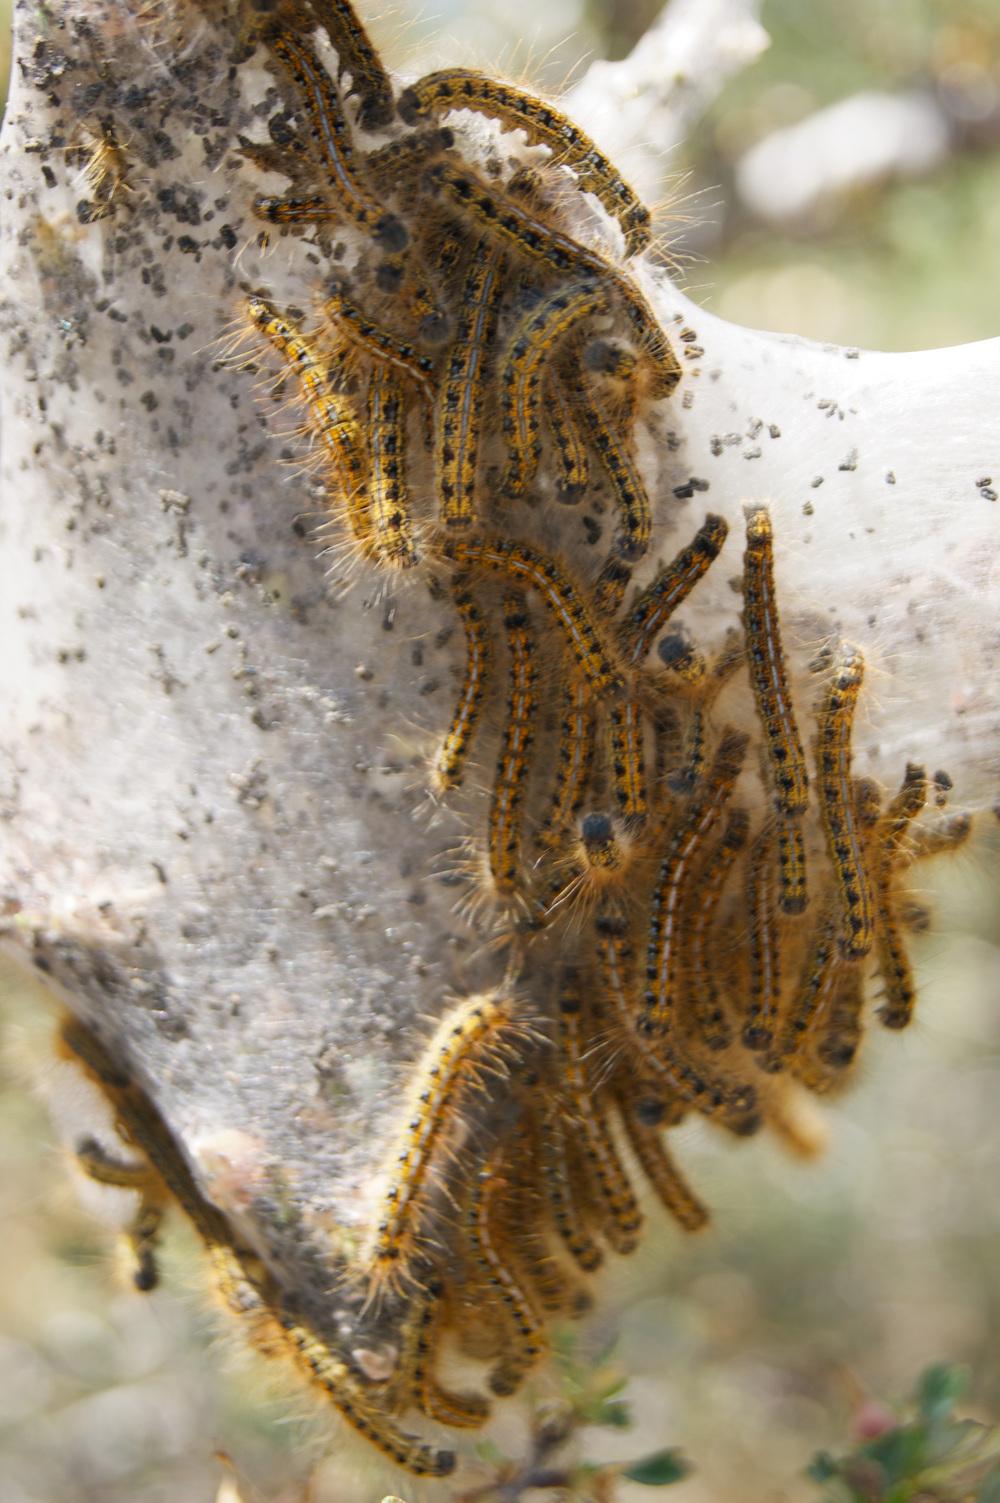 Weird caterpillars (?) flailing in distress